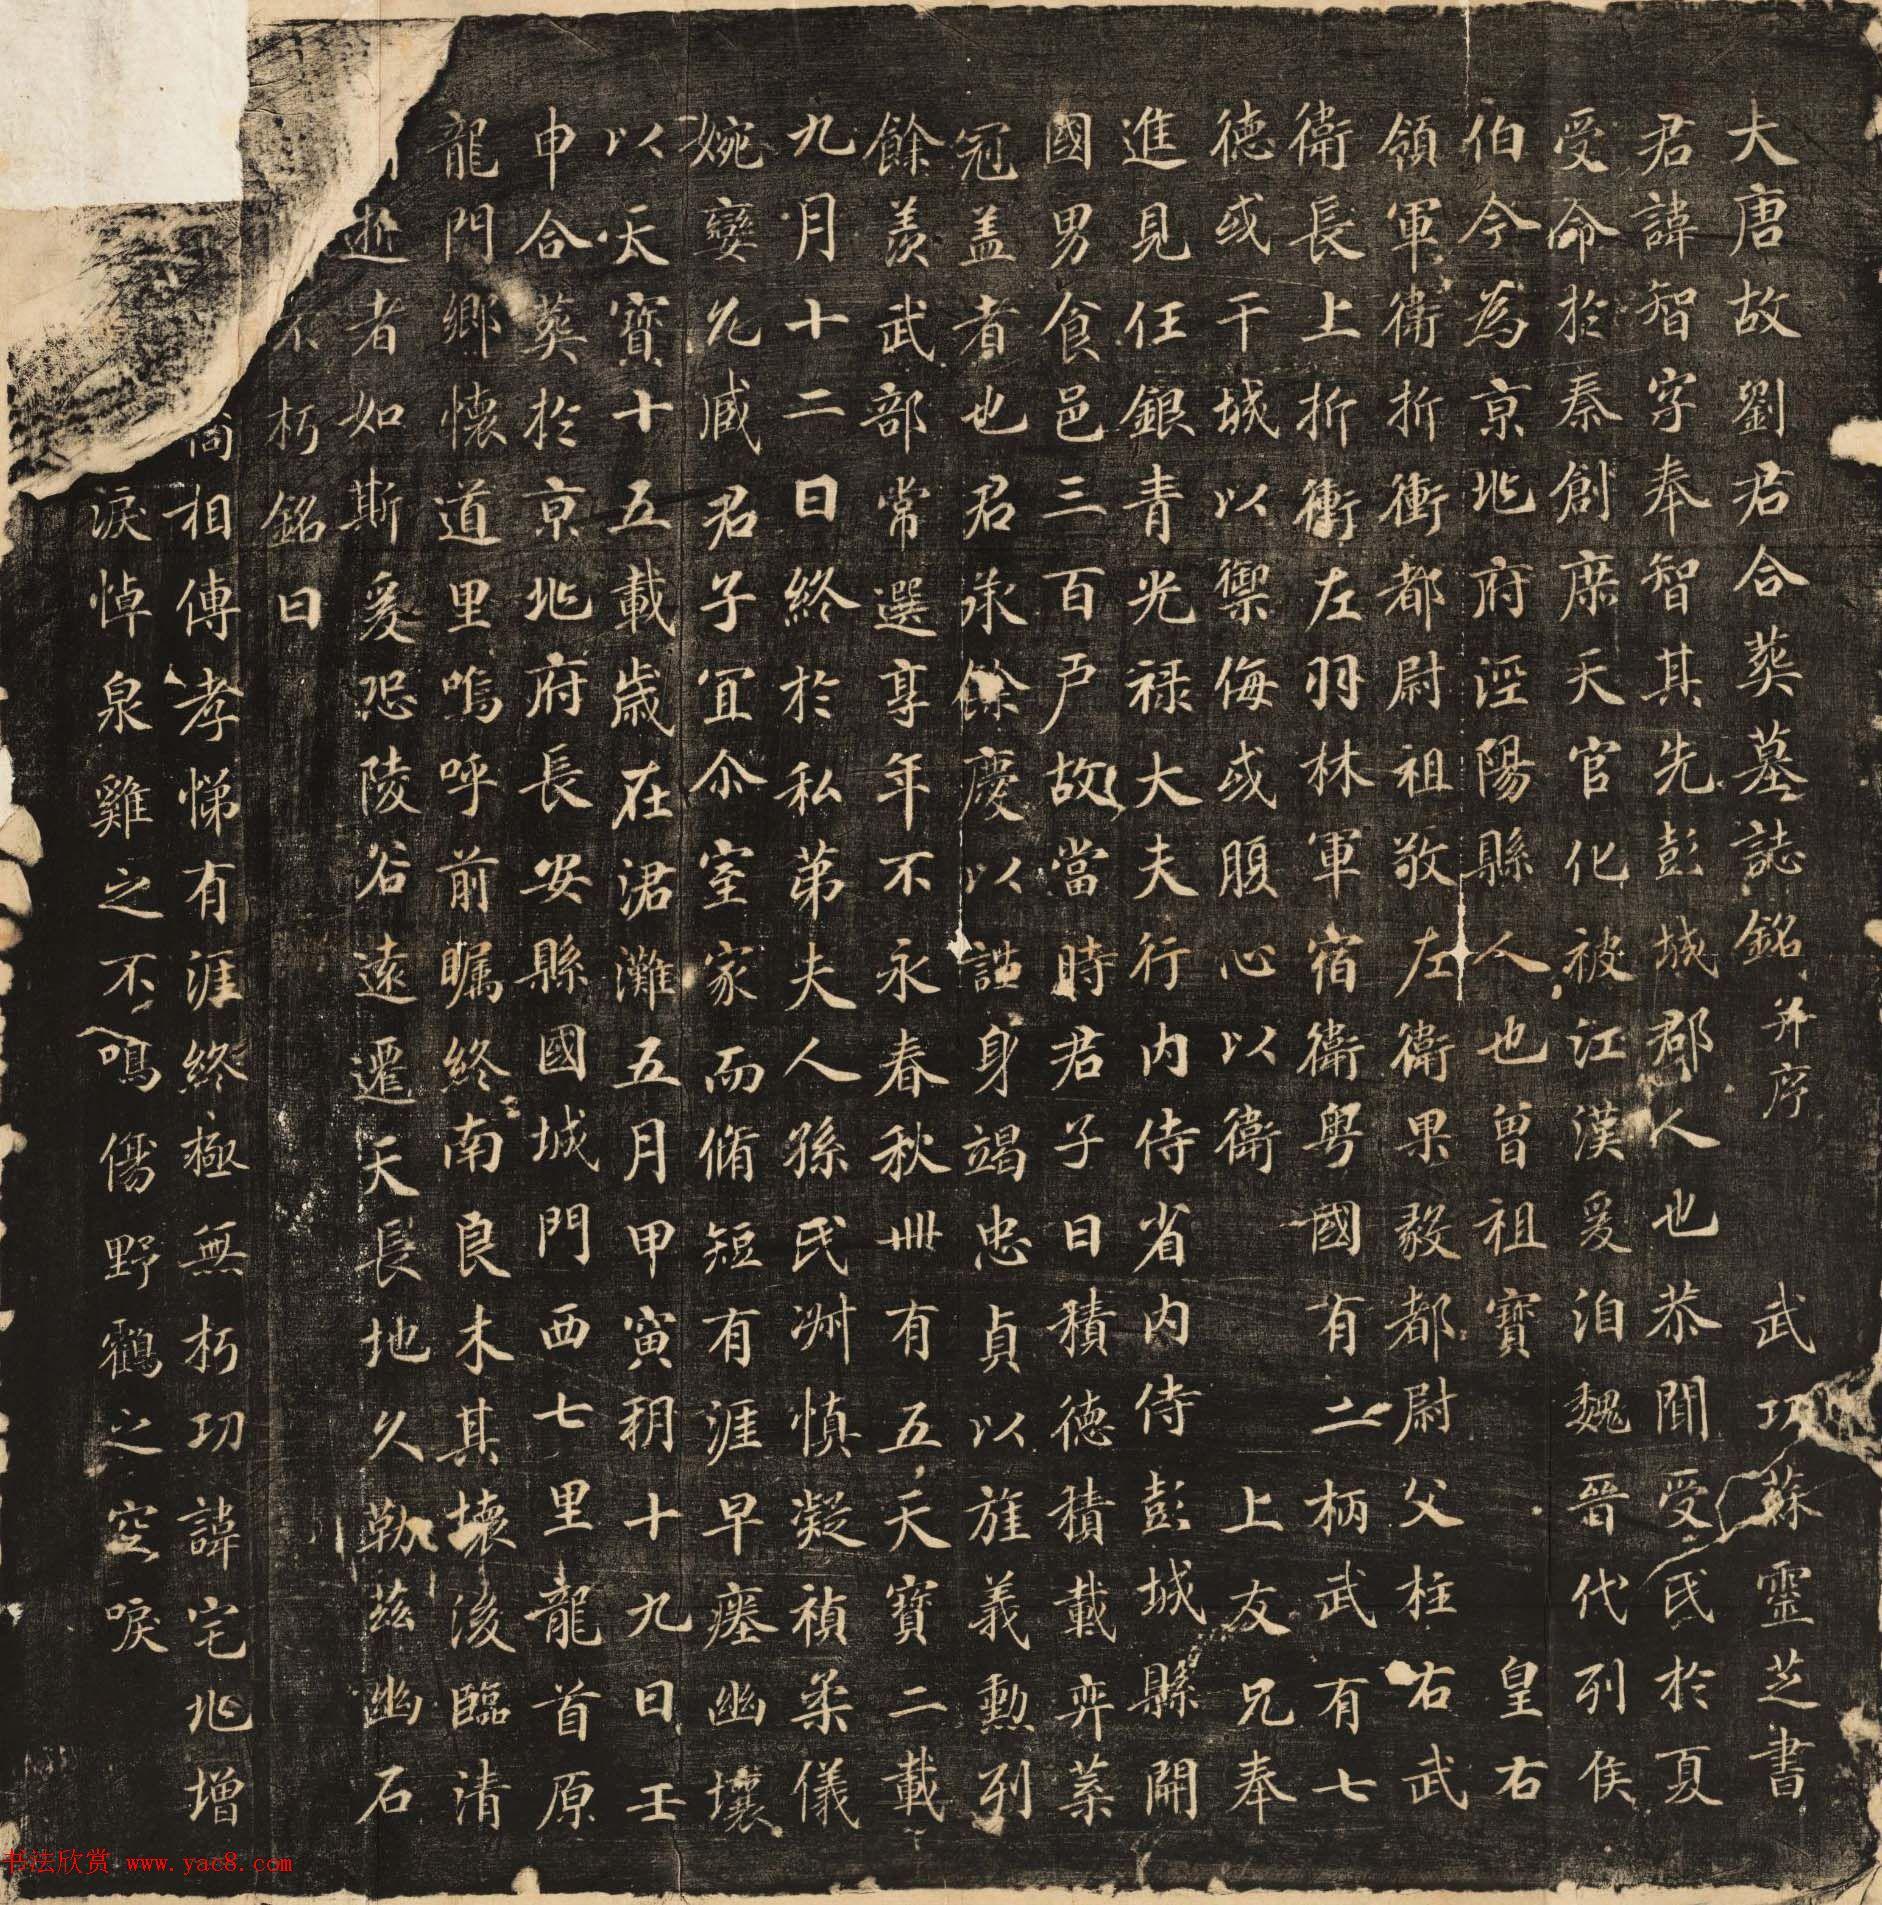 苏灵芝书法欣赏《刘智墓志铭》高清大图